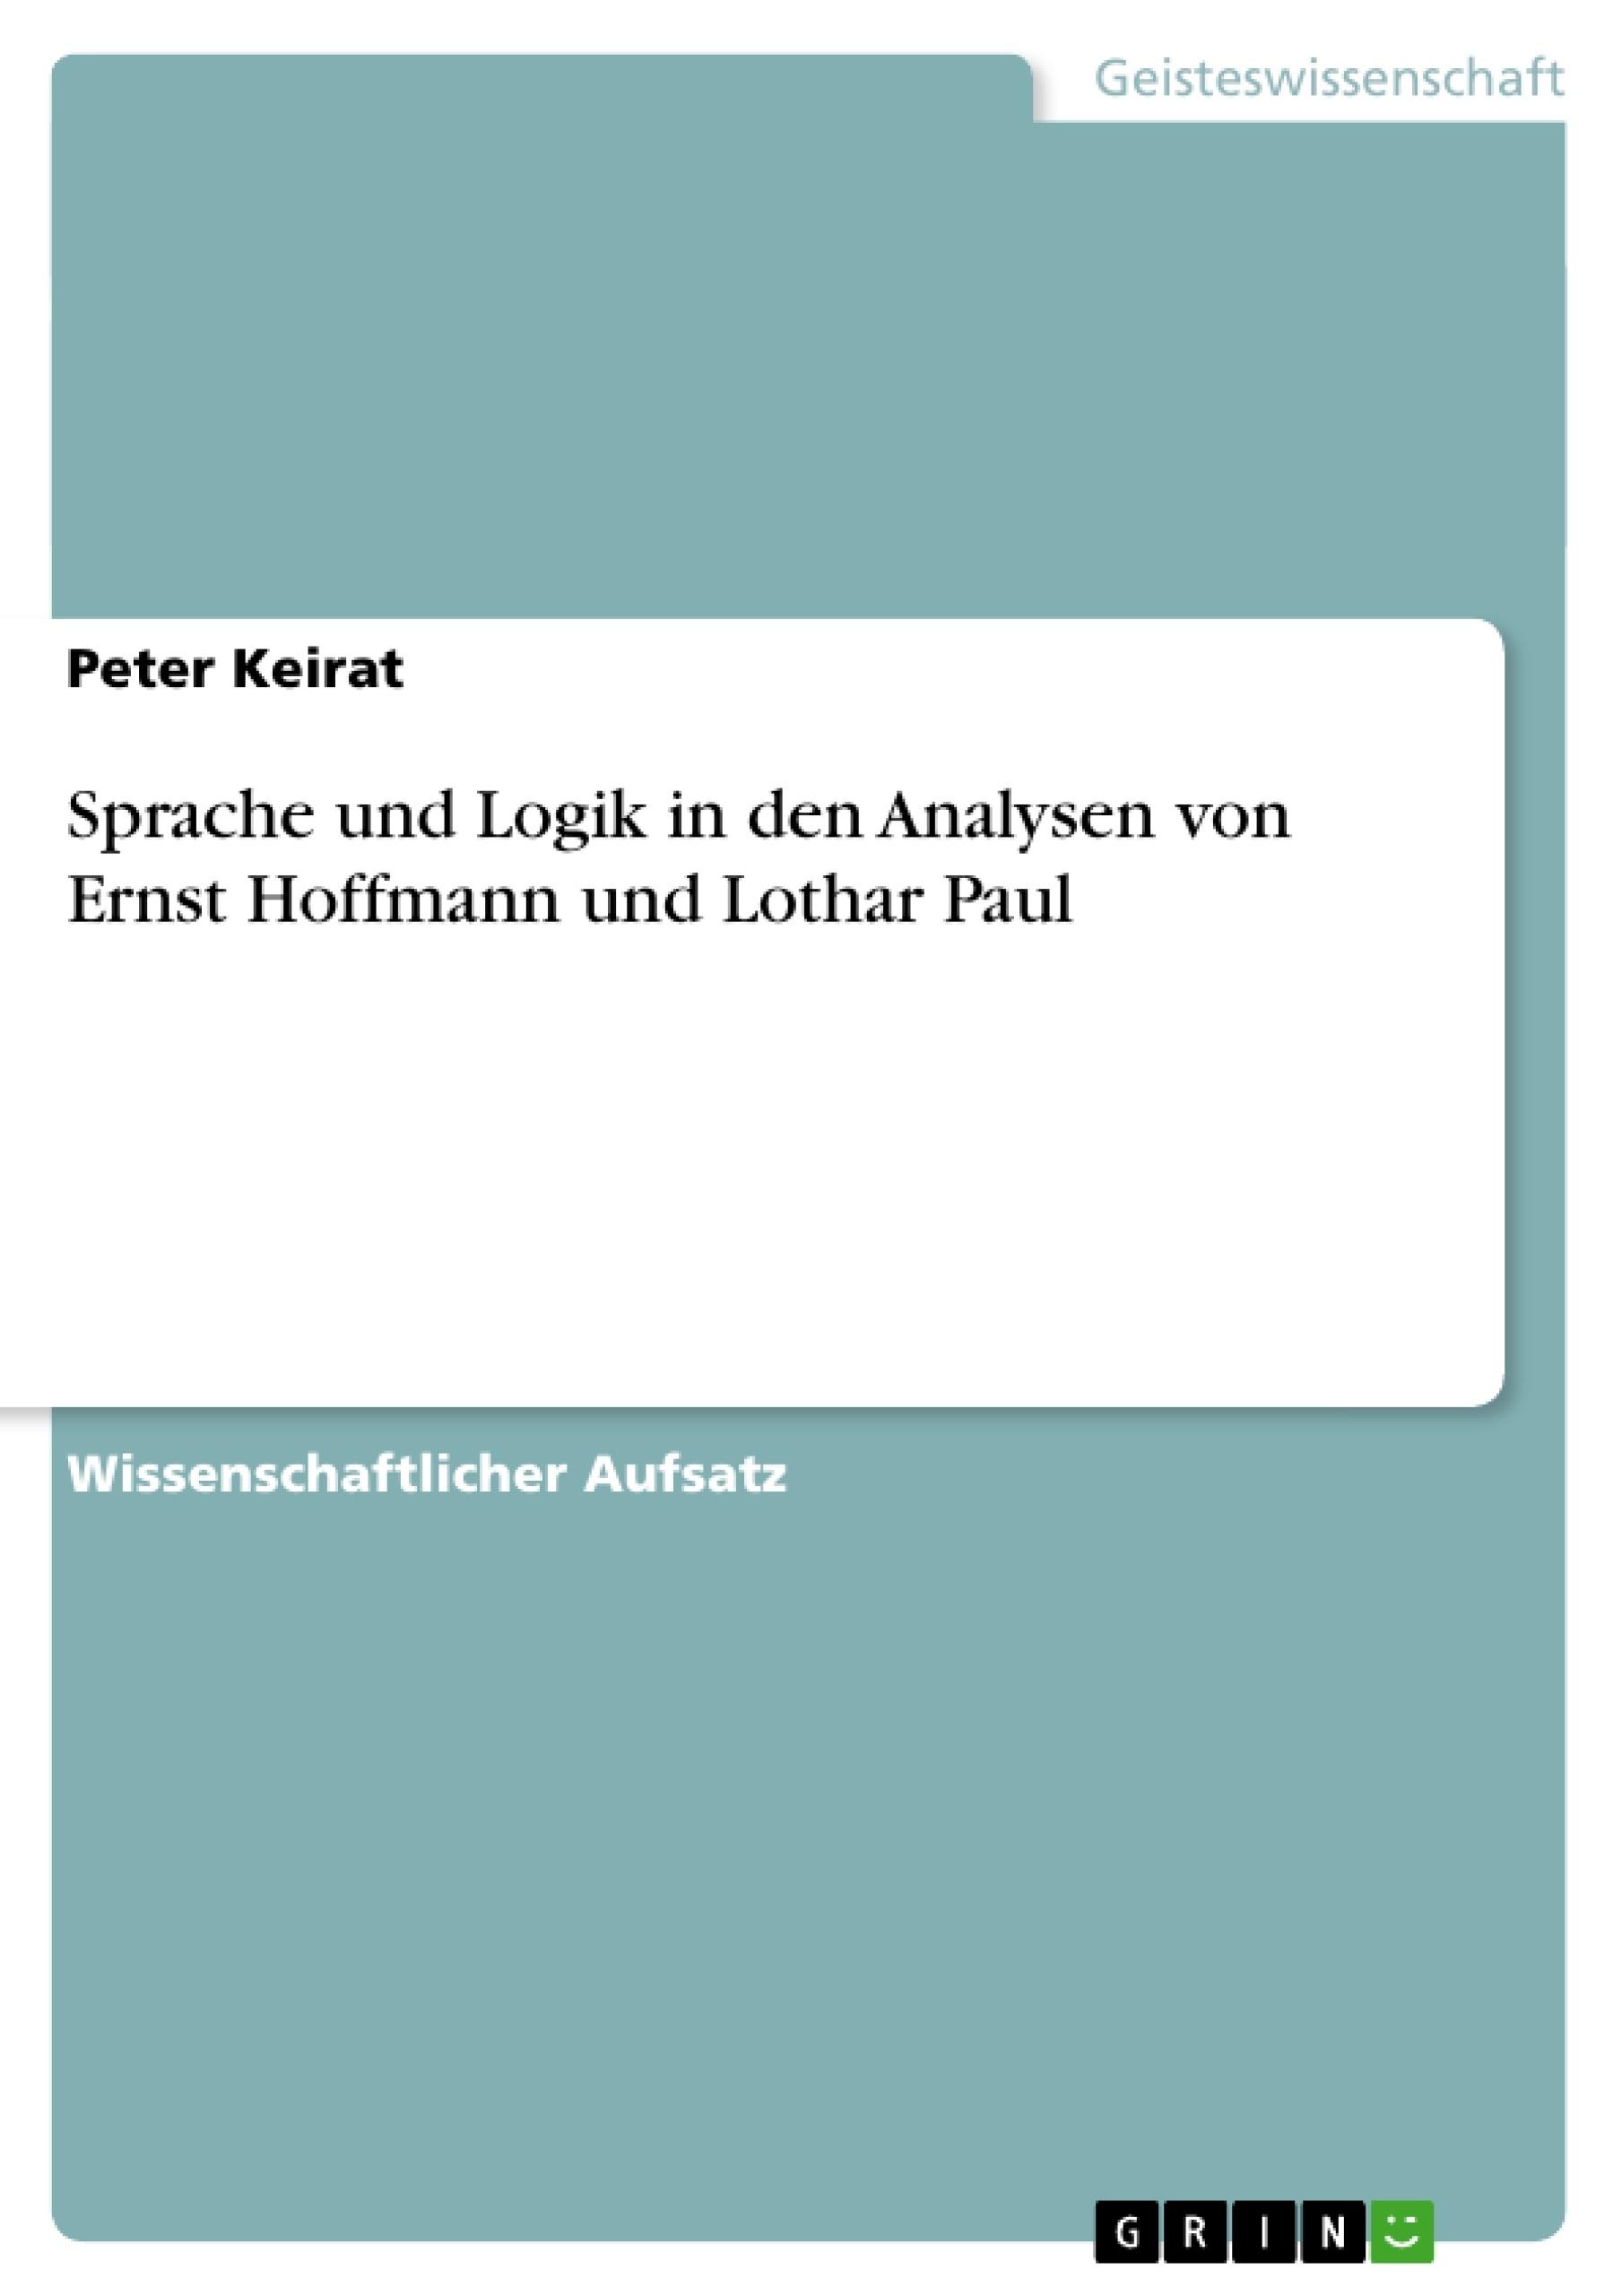 Titel: Sprache und Logik in den Analysen von Ernst Hoffmann und Lothar Paul